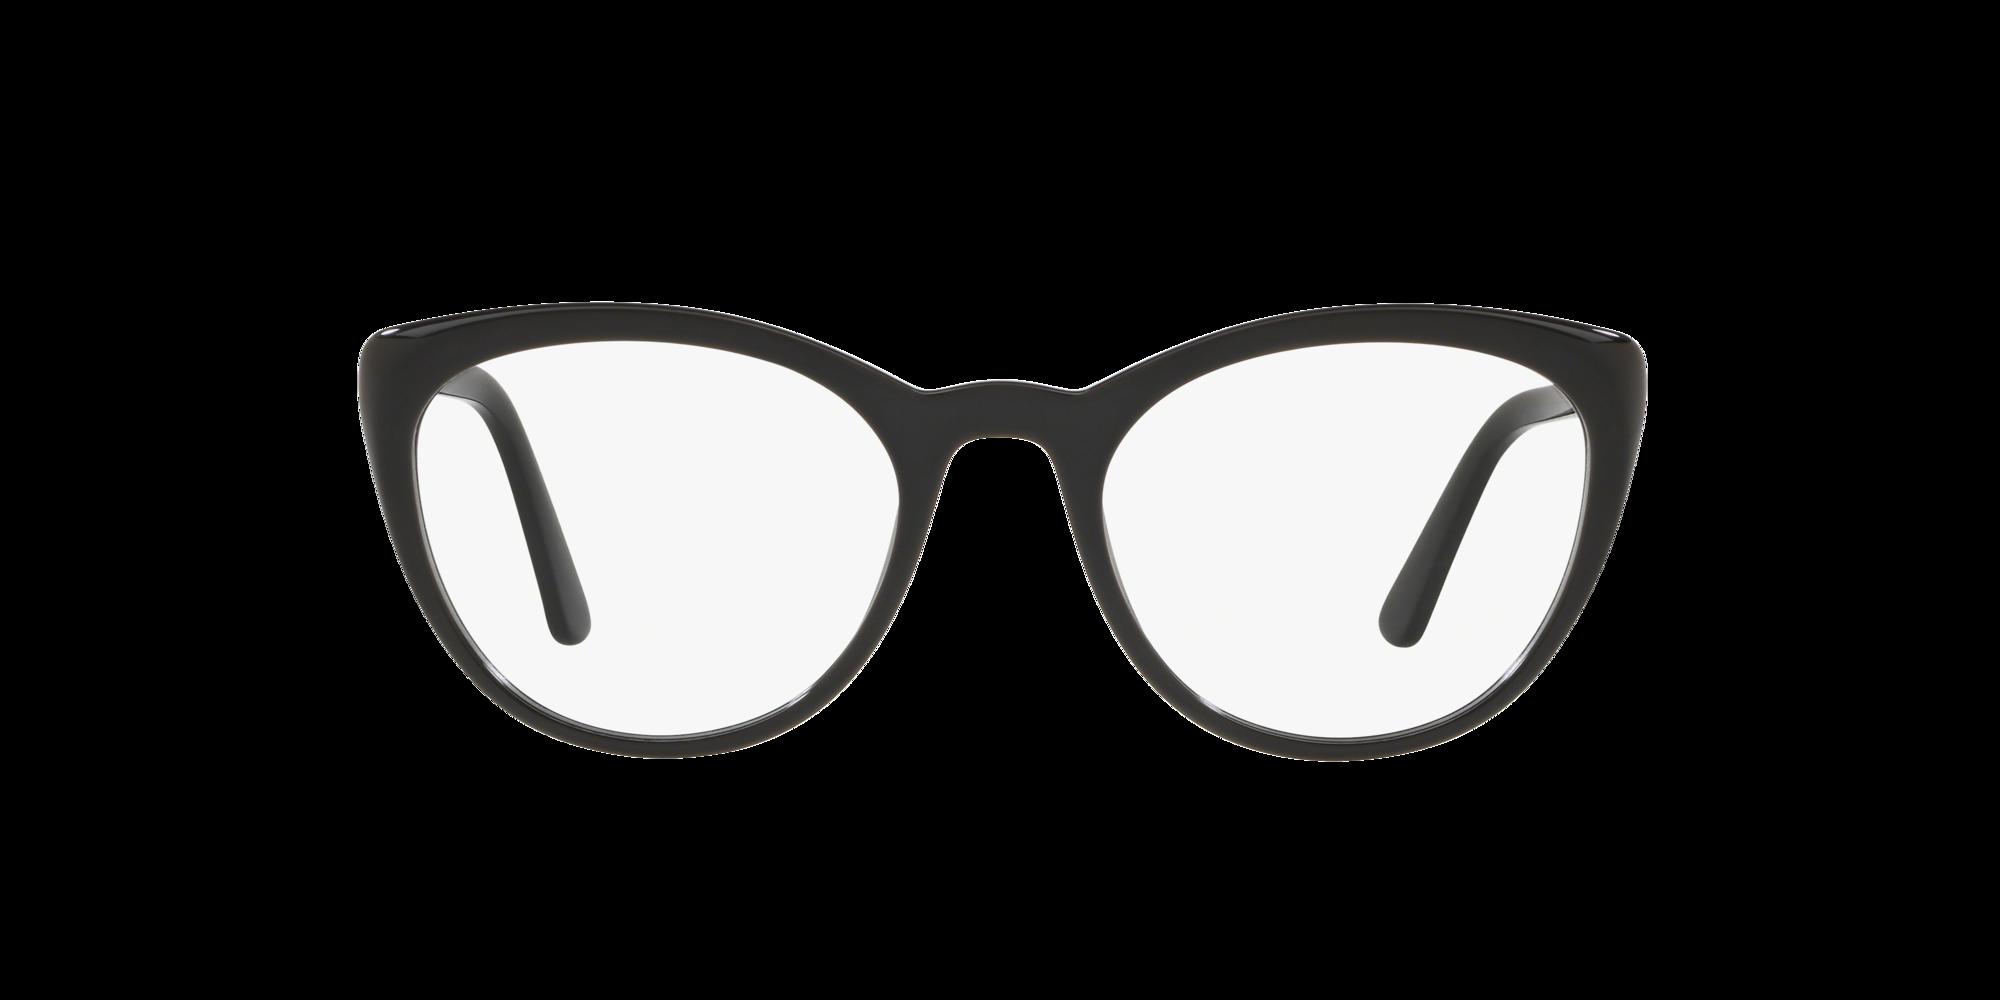 Imagen para PR 07VV de LensCrafters |  Espejuelos, espejuelos graduados en línea, gafas